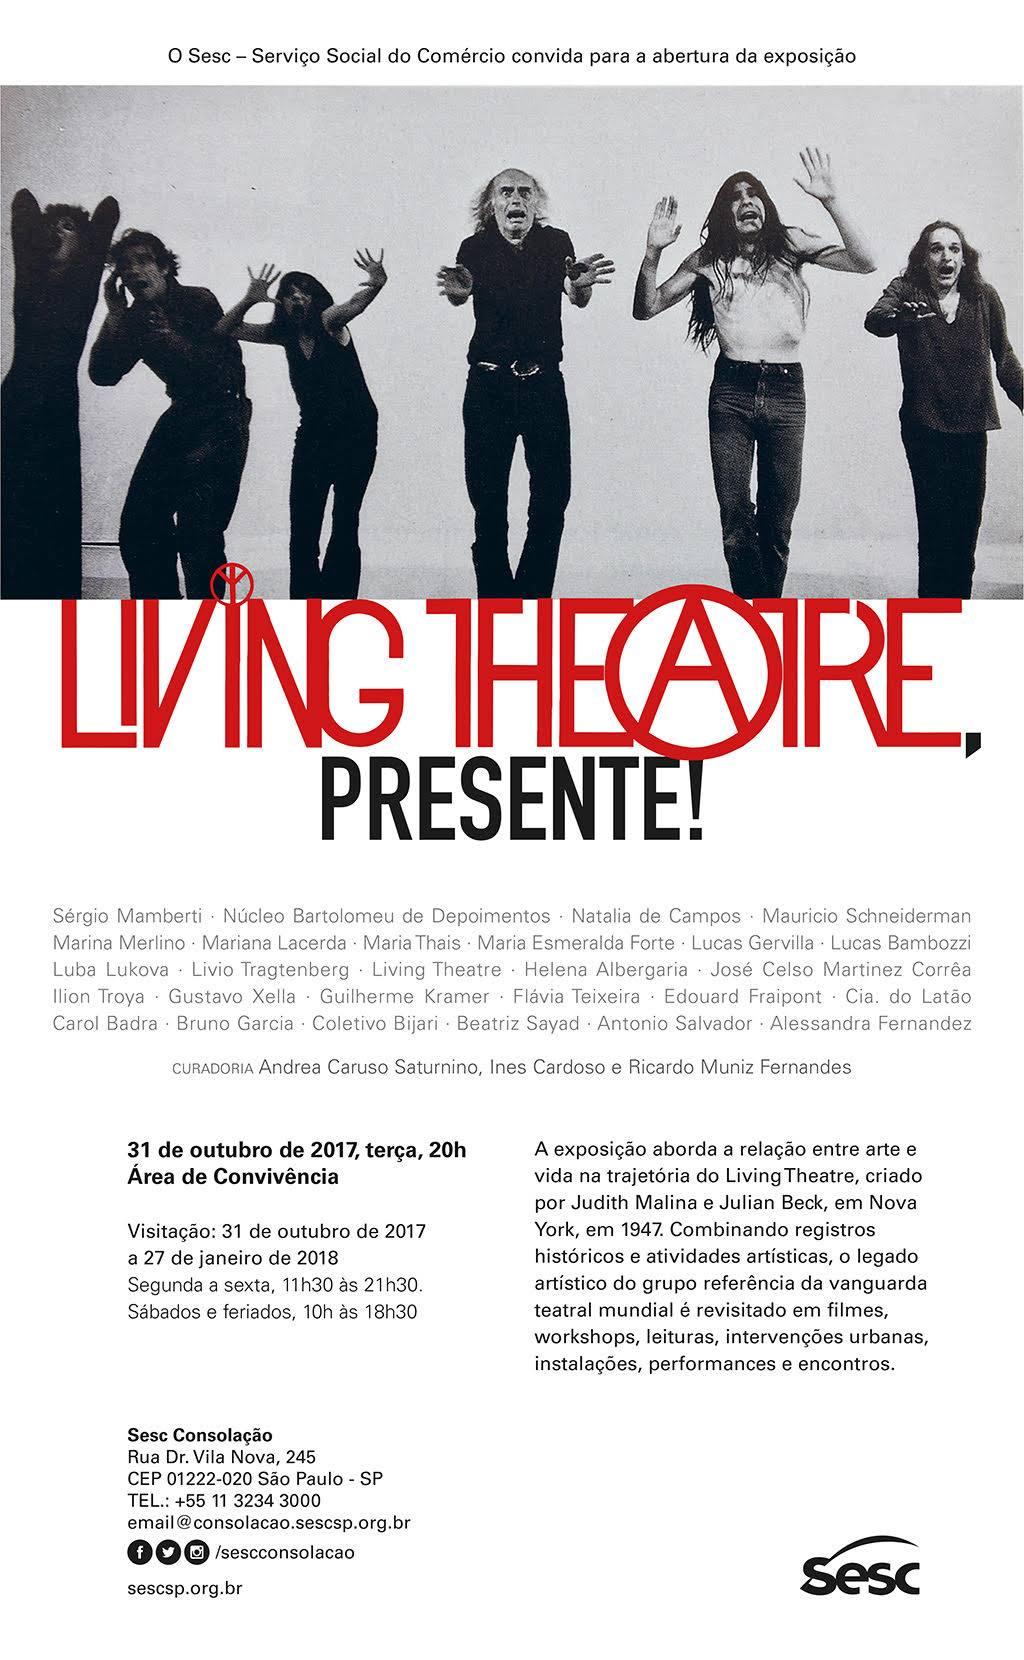 Living Theatre Presente